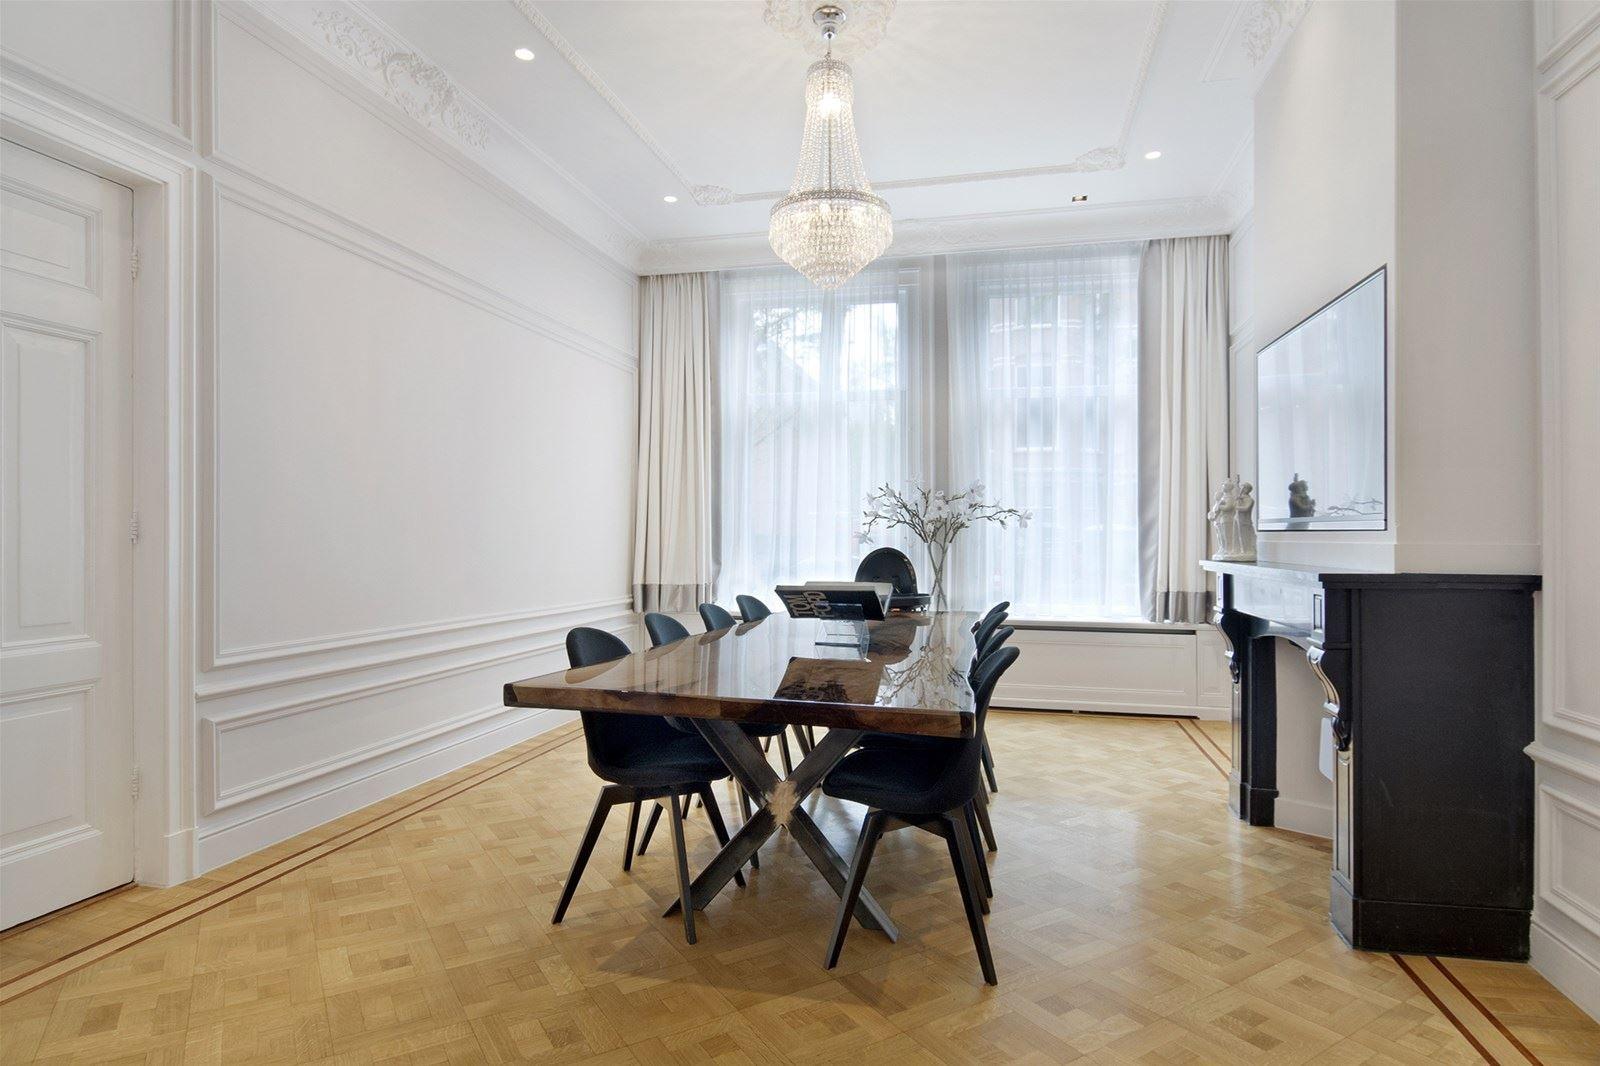 Kleur Corridor Appartement : Appartement te koop jan luijkenstraat hs cp amsterdam